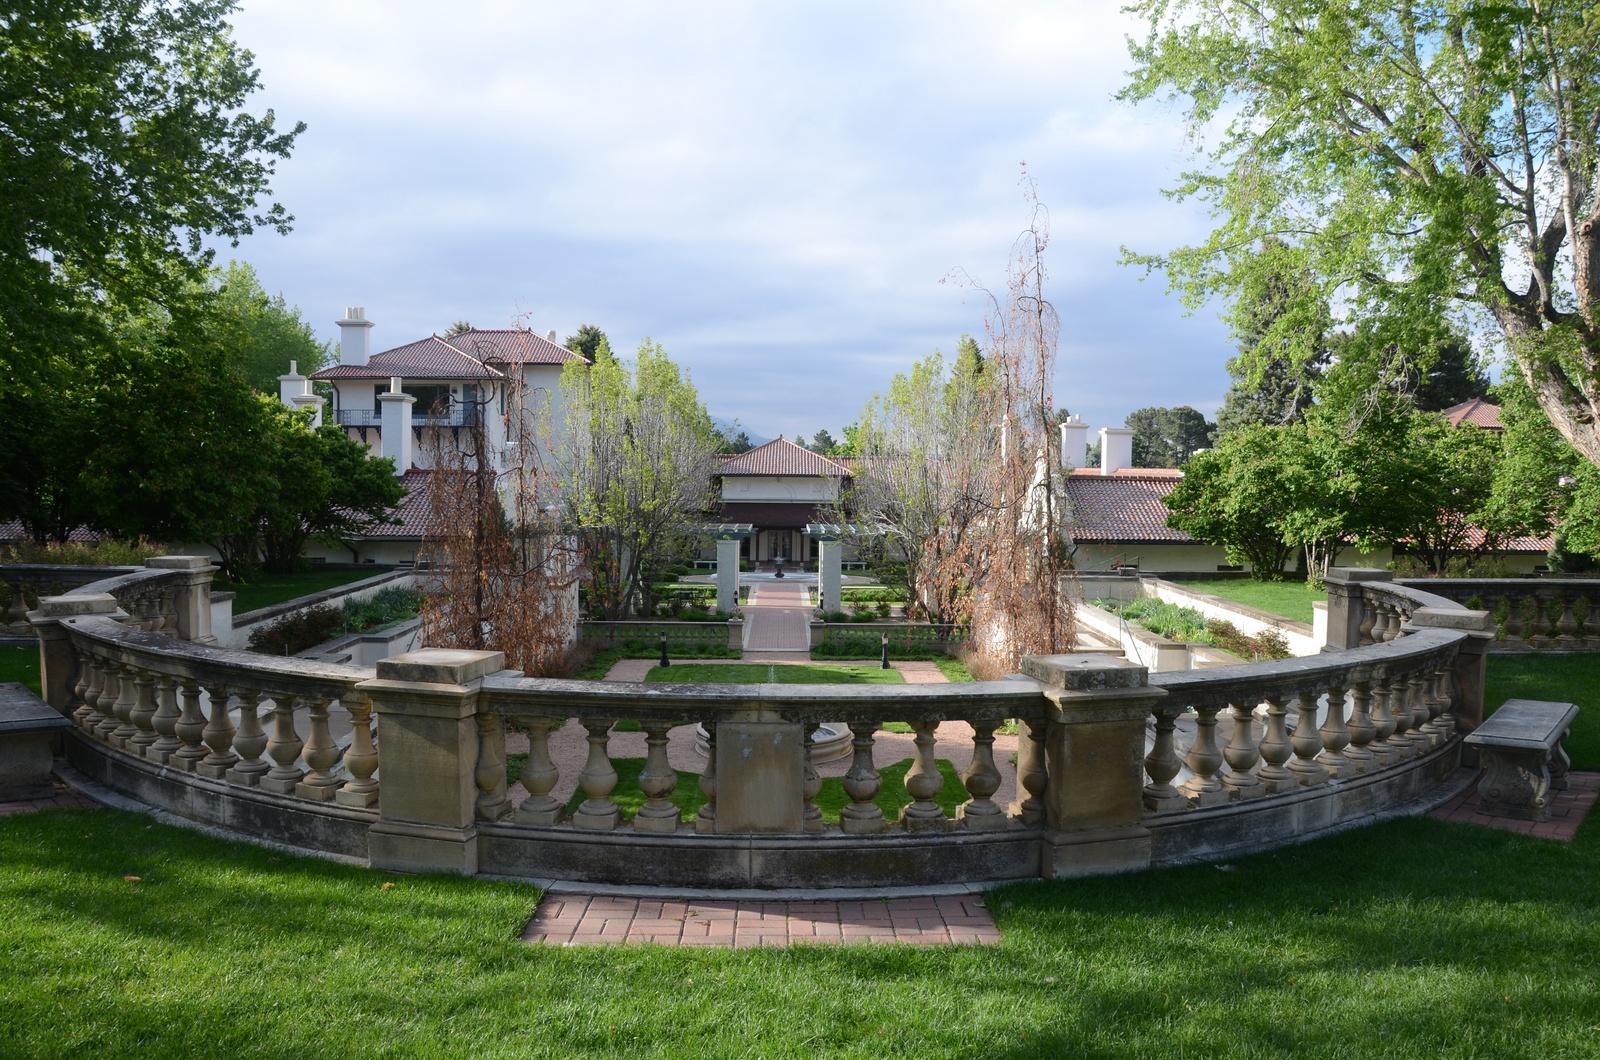 The estate gardens